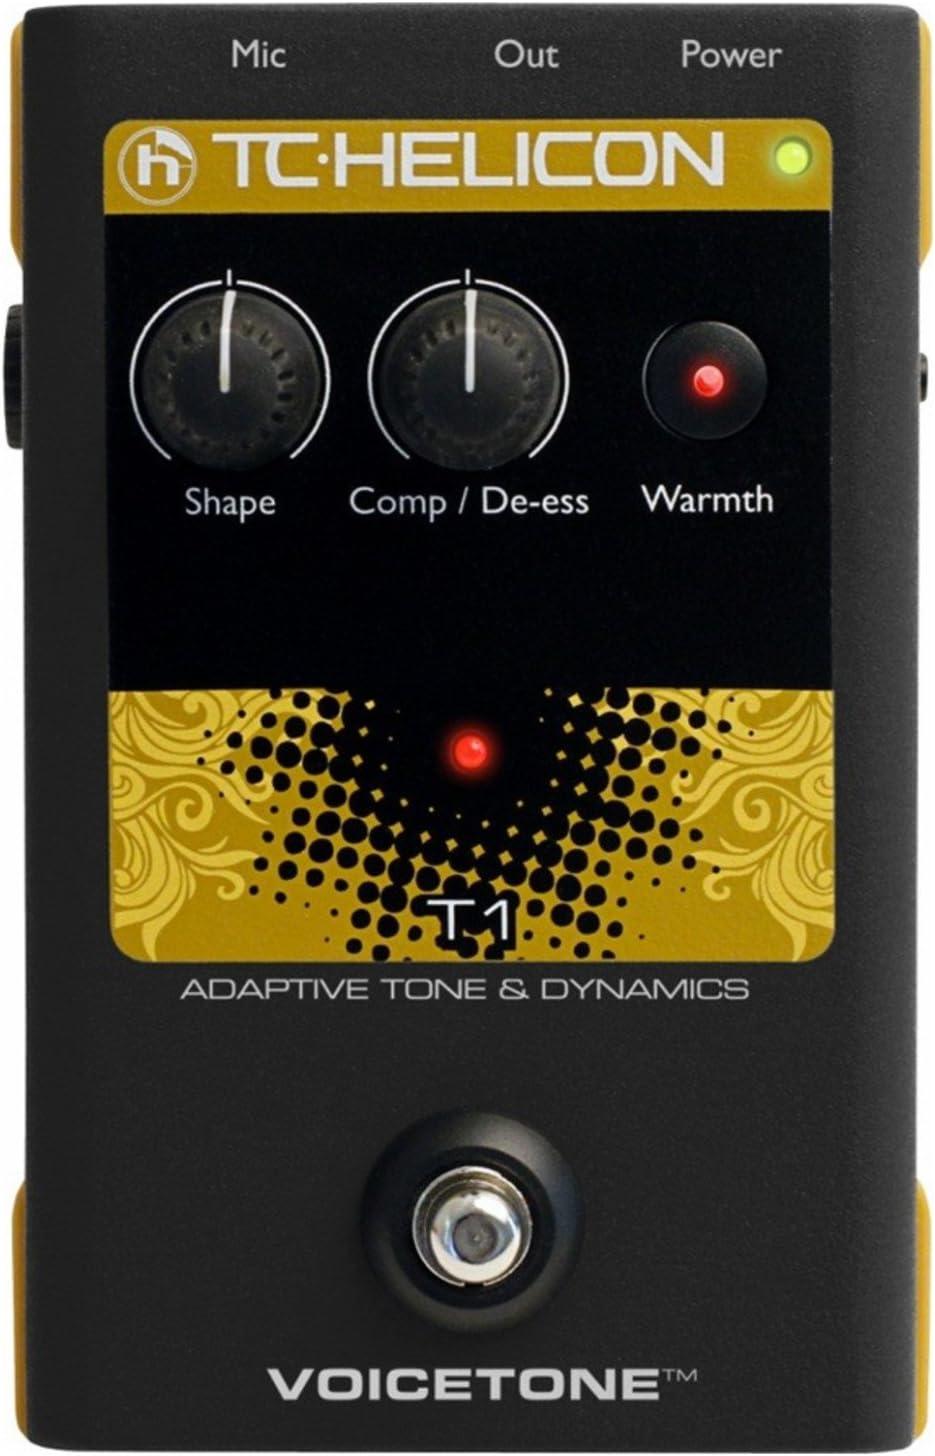 B004EBG9Z6 TC Helicon Vocal Effects Processor (996003005) 71XWNsFkx2L.SL1500_